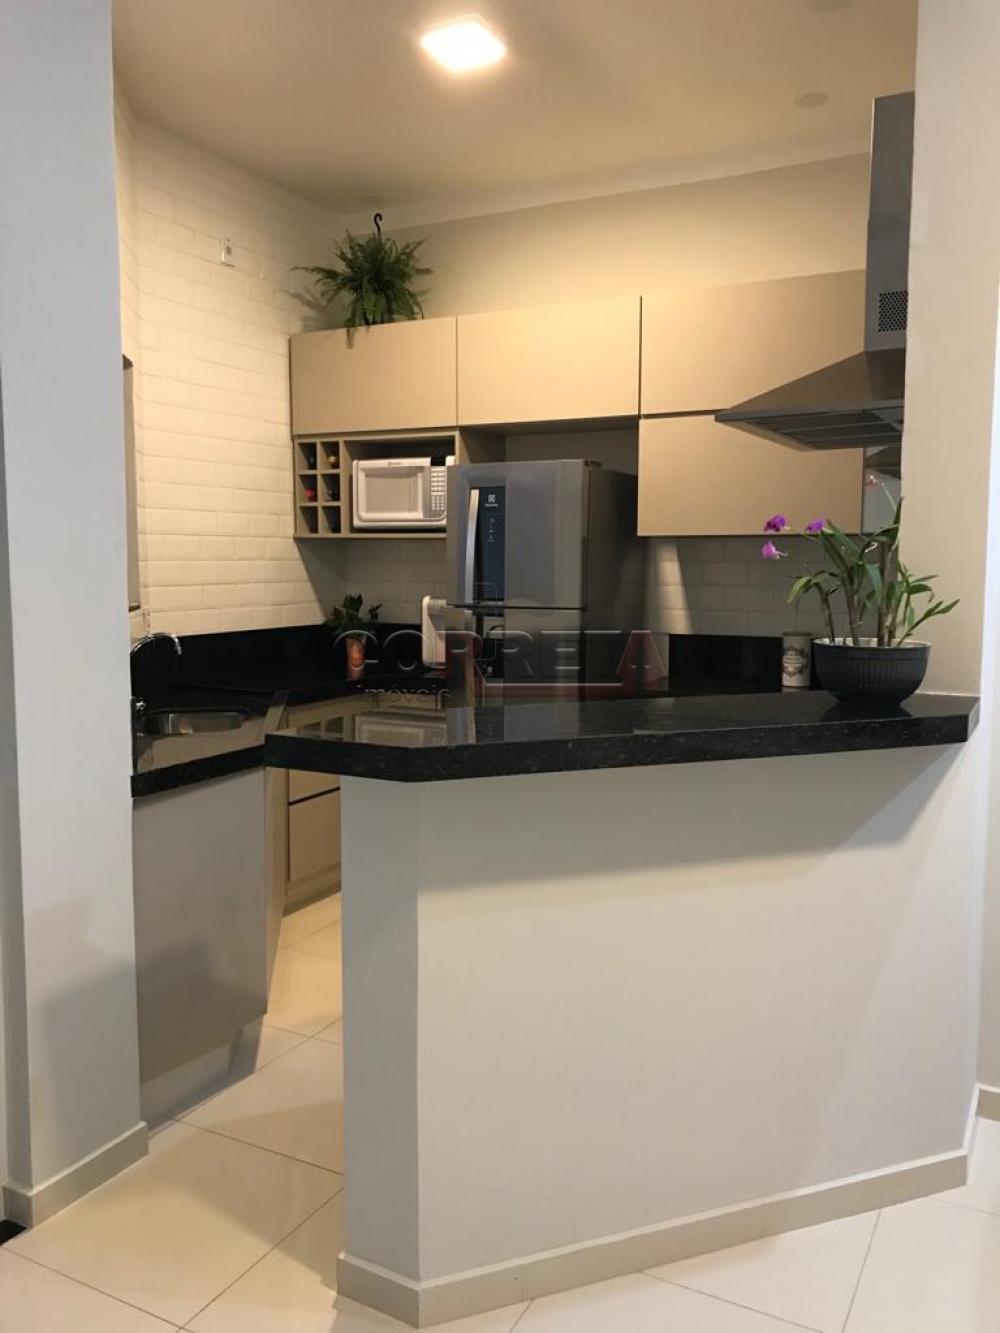 Comprar Casa / Residencial em Araçatuba apenas R$ 365.000,00 - Foto 4